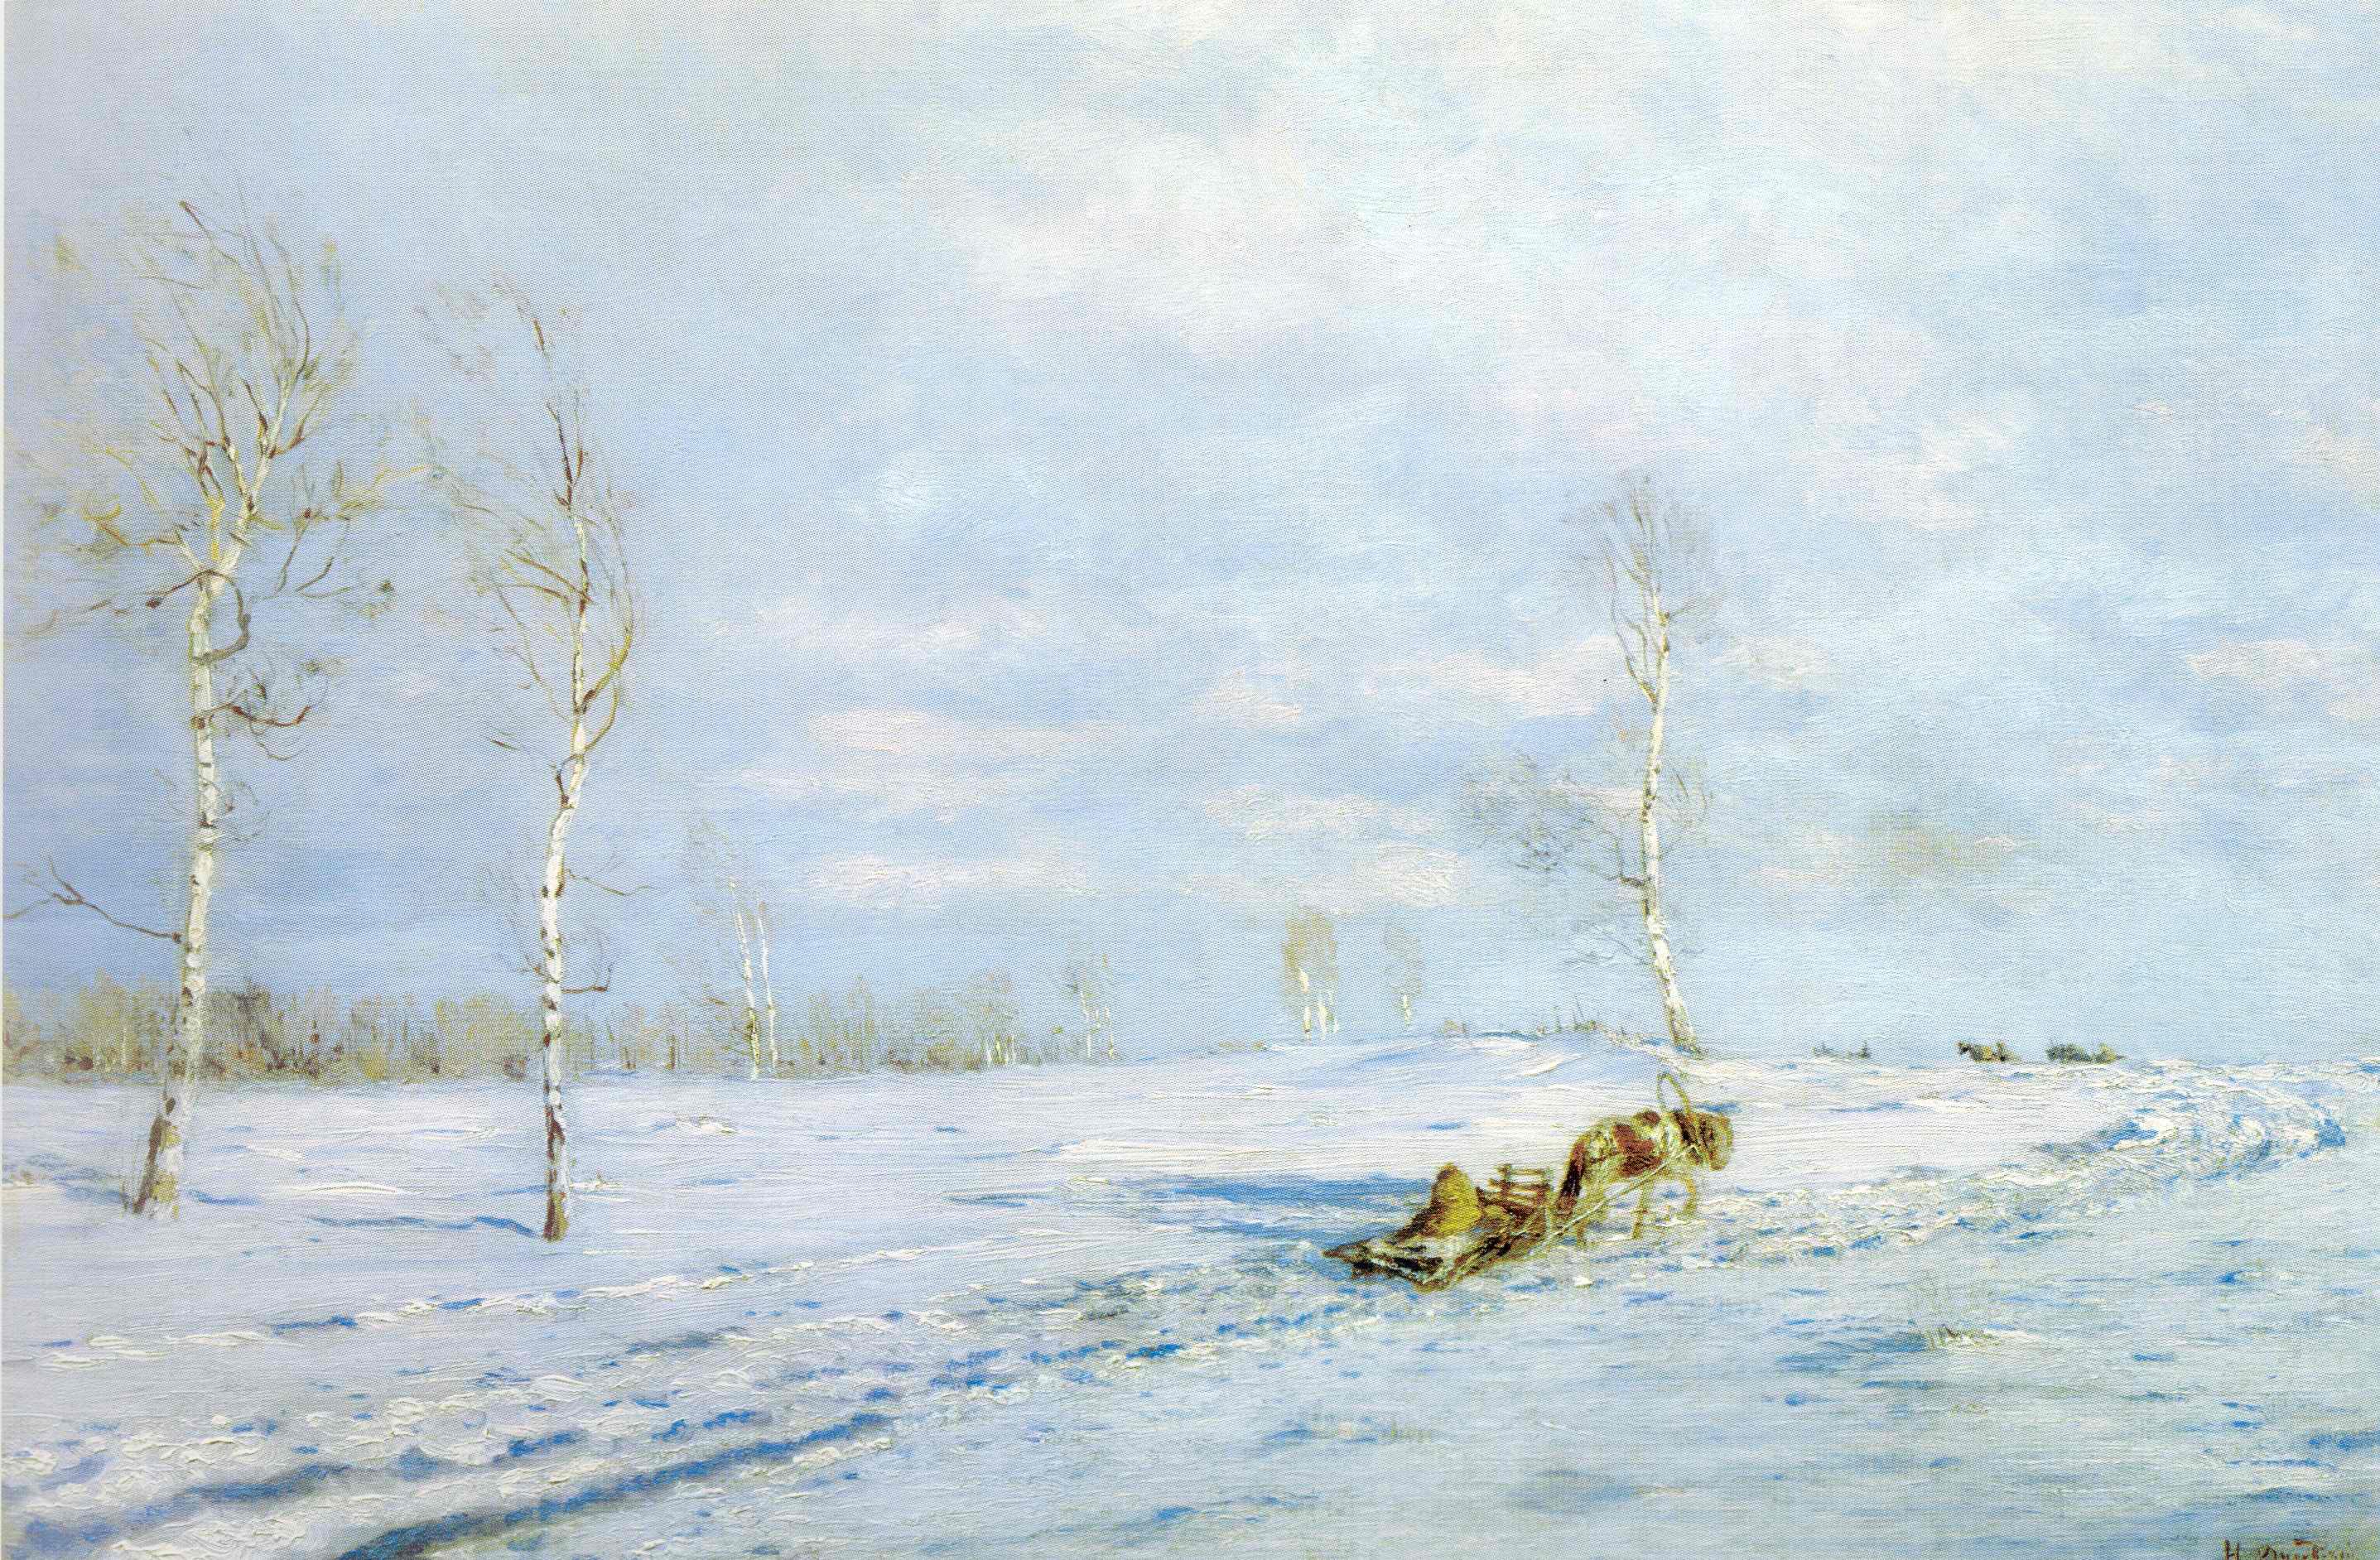 Санный путь, Дубовской Николай Никанорович